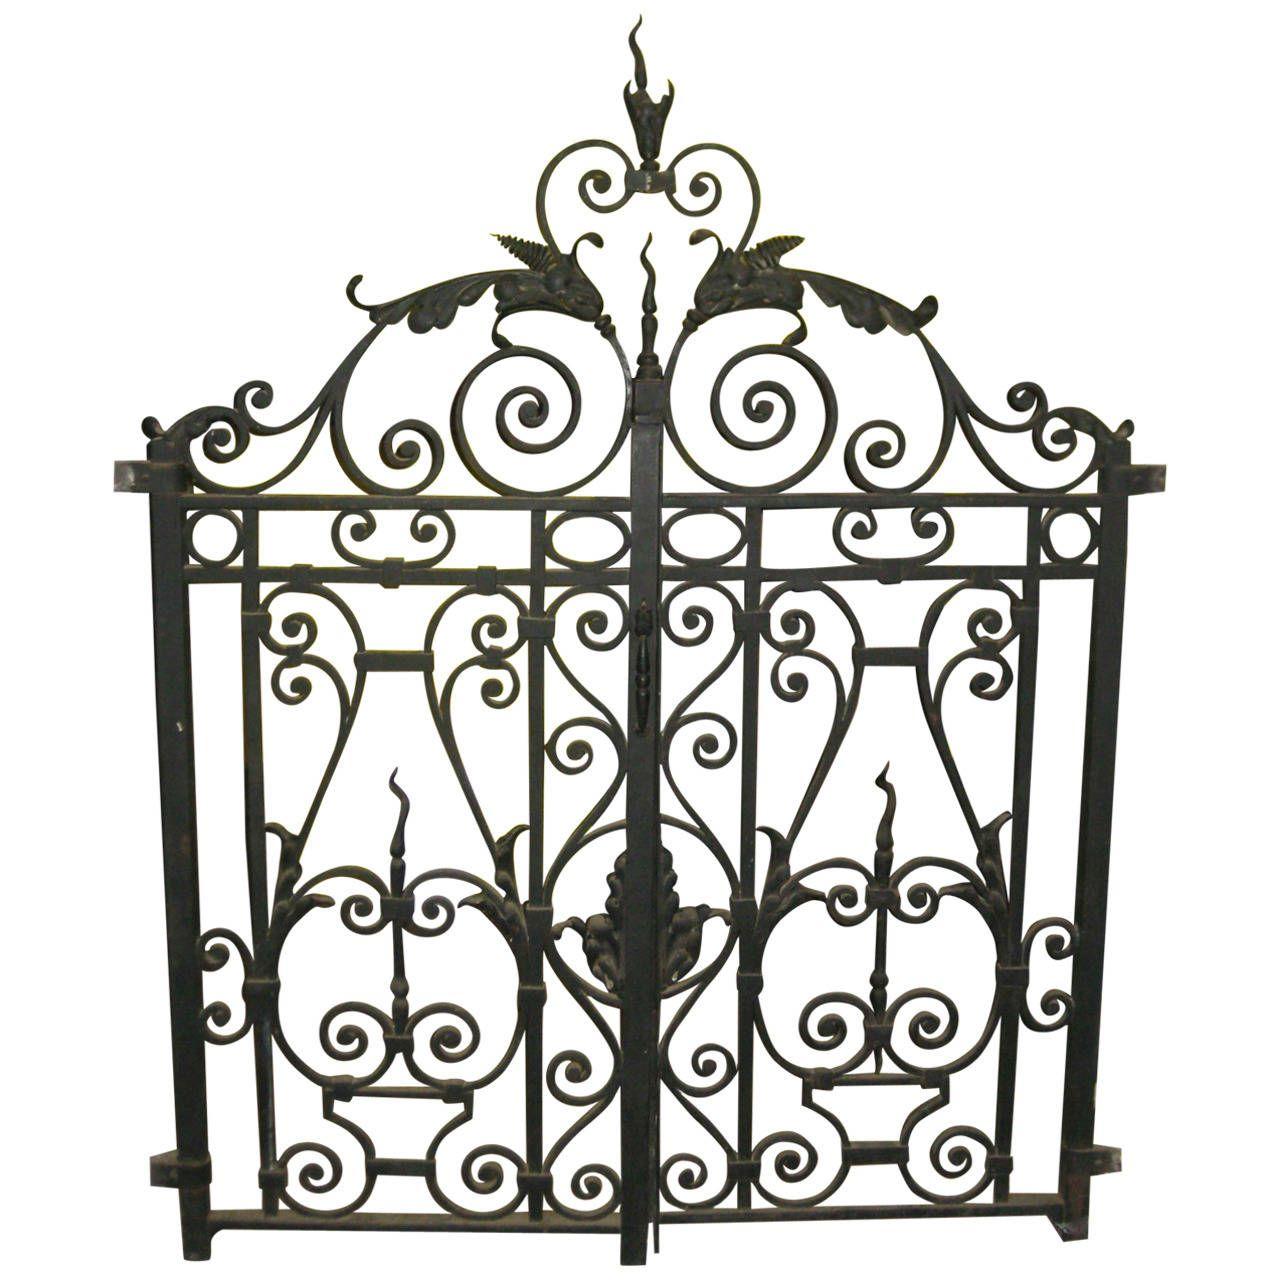 Antique French Wrought Iron Double Gates 1stdibs Com Wrought Iron Gate Designs Iron Gate Design Wrought Iron Fences